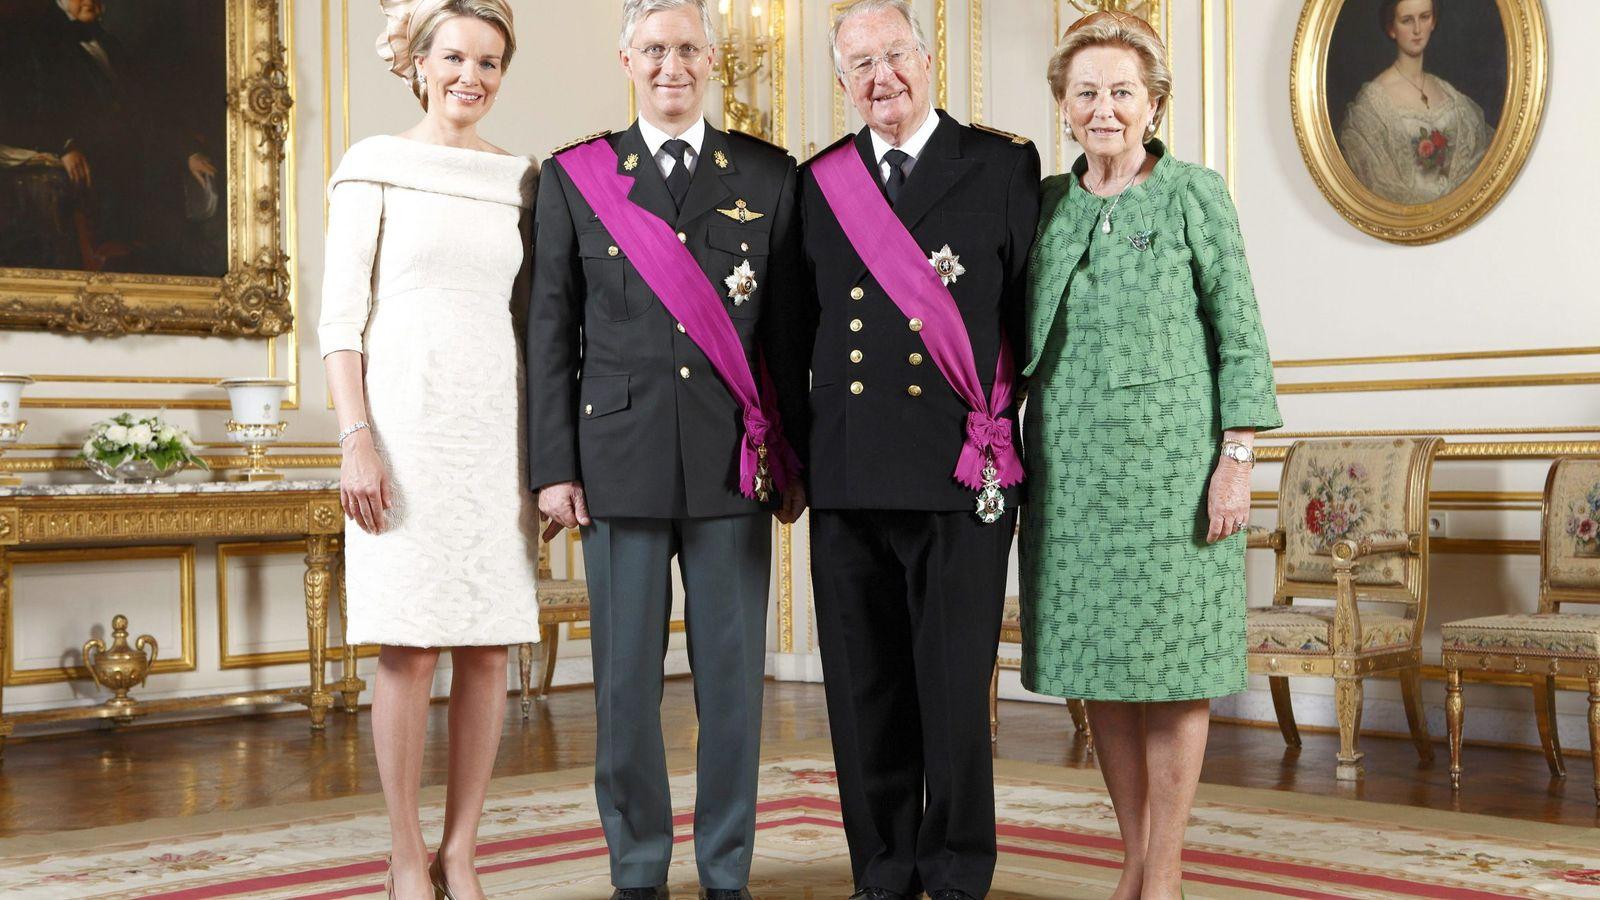 Foto: Alberto y Paola de Bélgica junto a Matilde y Felipe de Bélgica, en una imagen de archivo. (EFE)